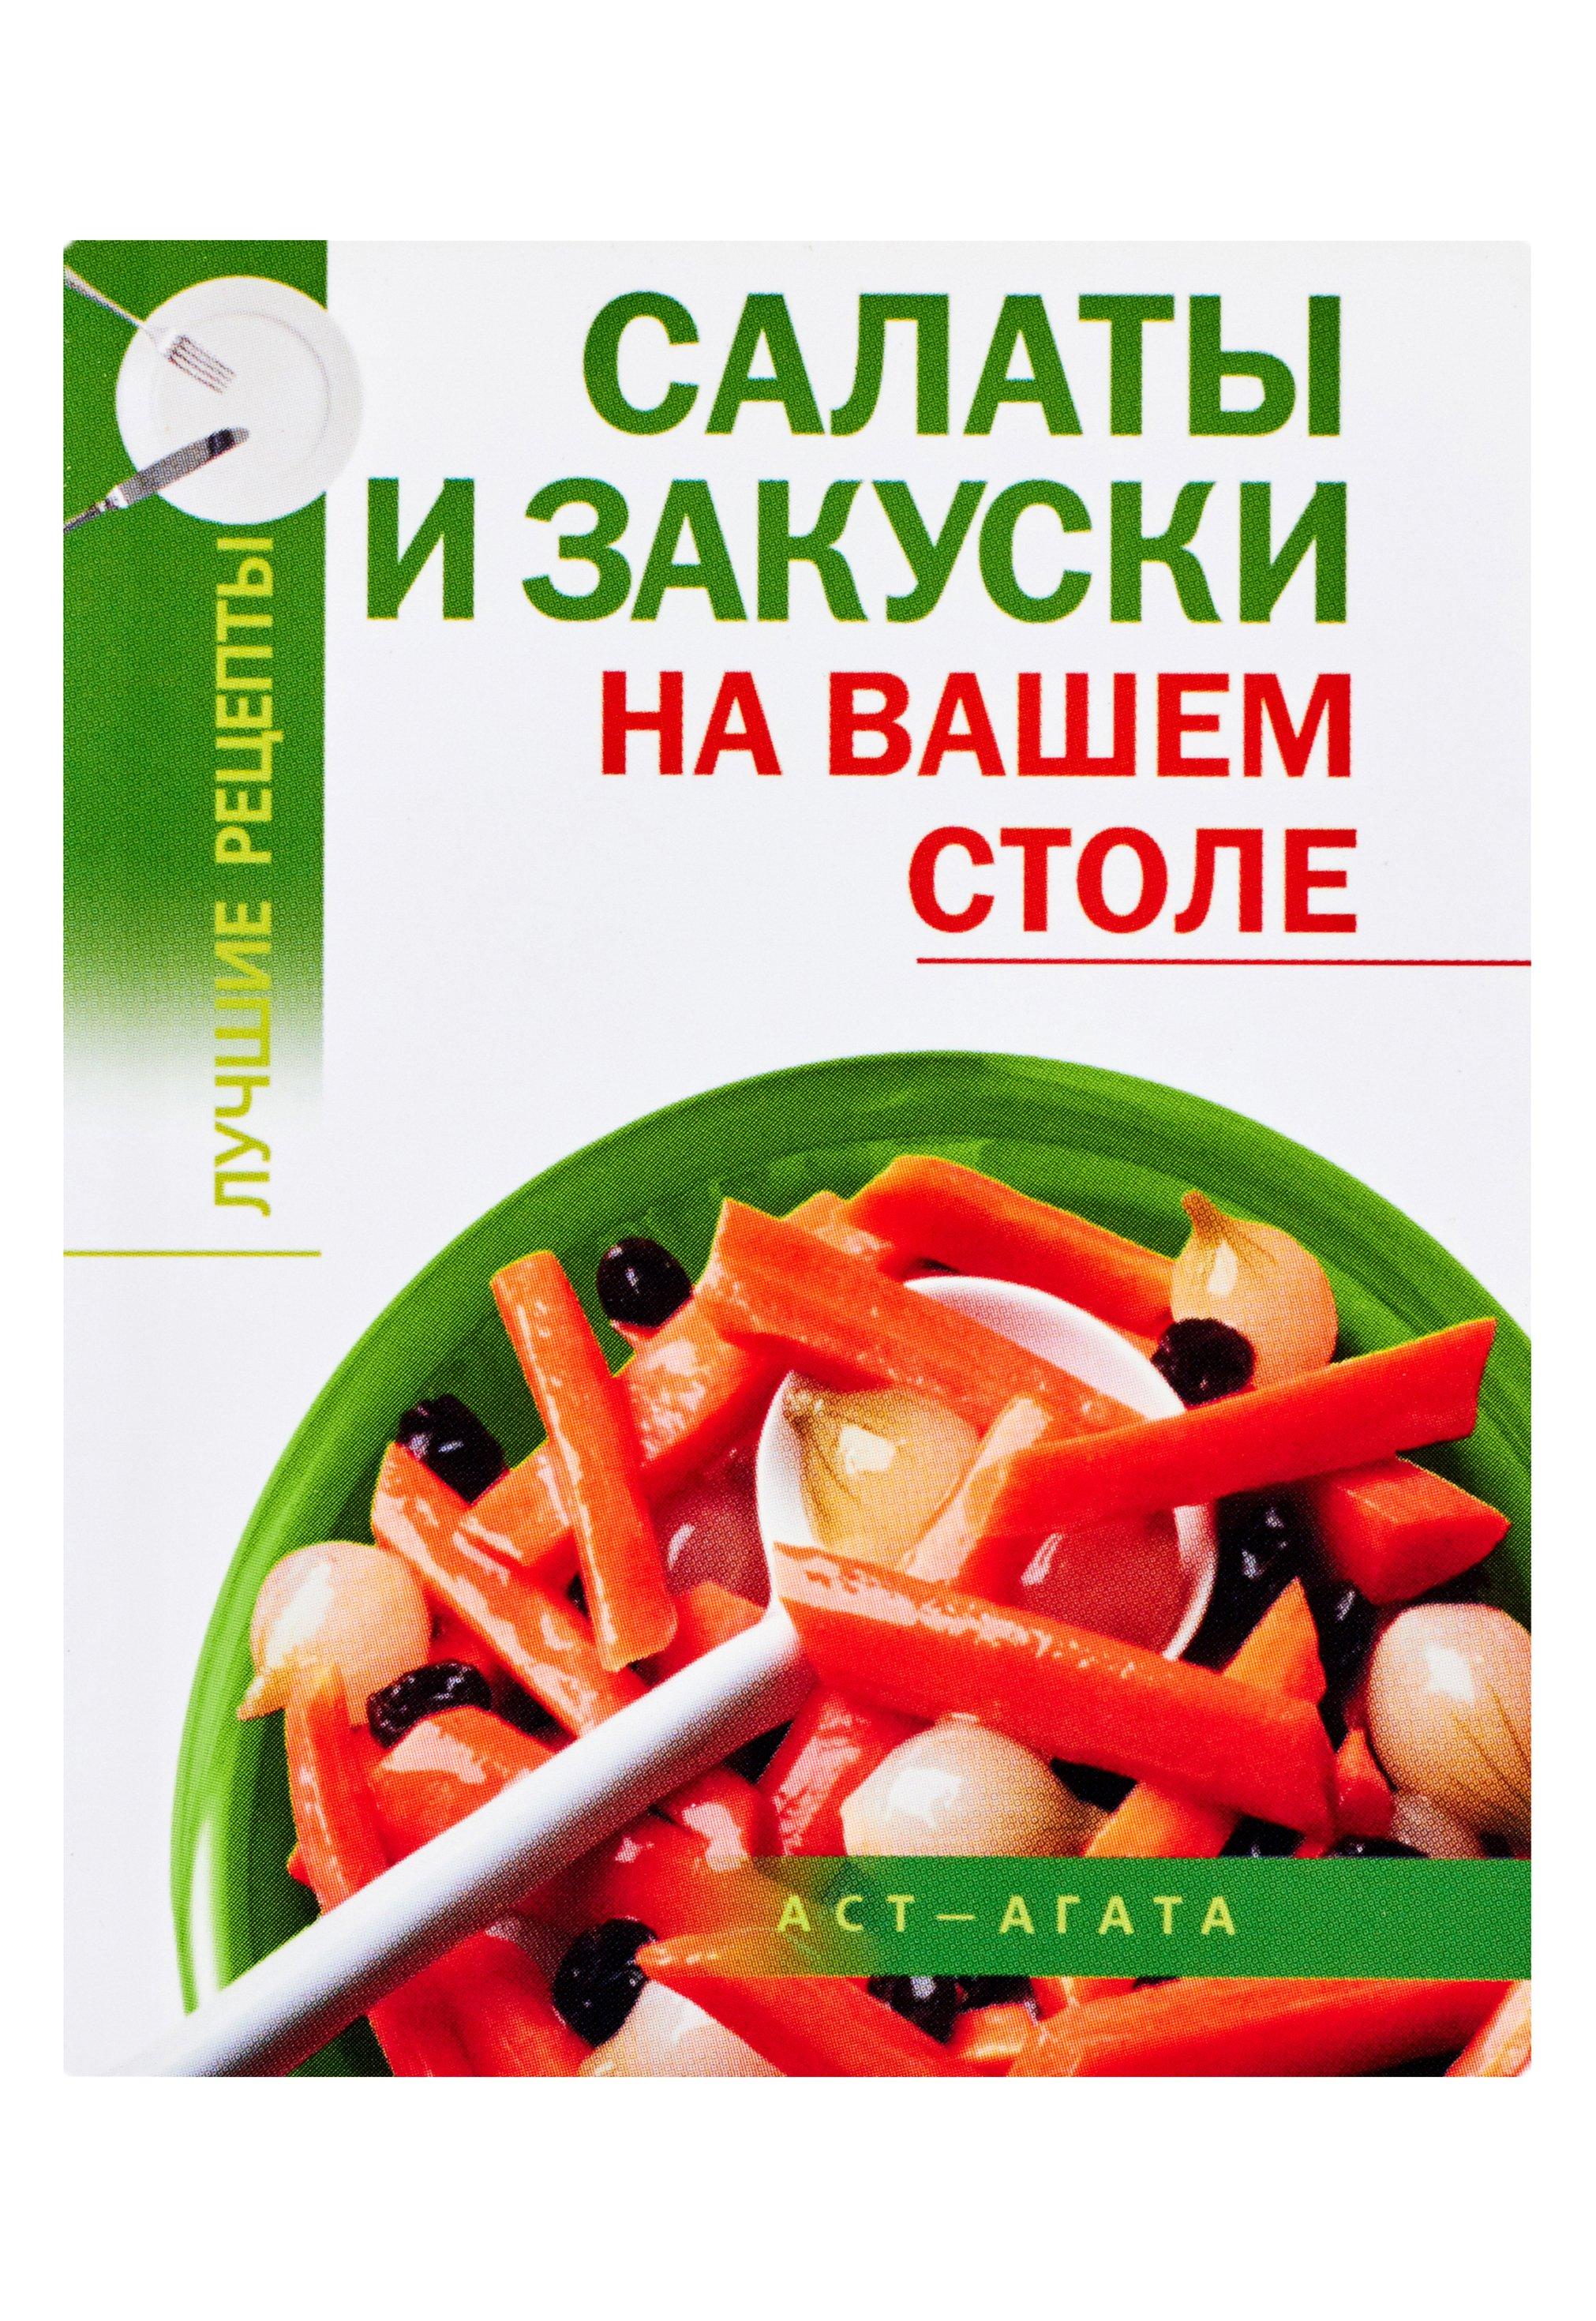 Фото - Калинина Алина Викторовна Салаты и закуски на вашем столе ольхов олег рыба морепродукты на вашем столе салаты закуски супы второе